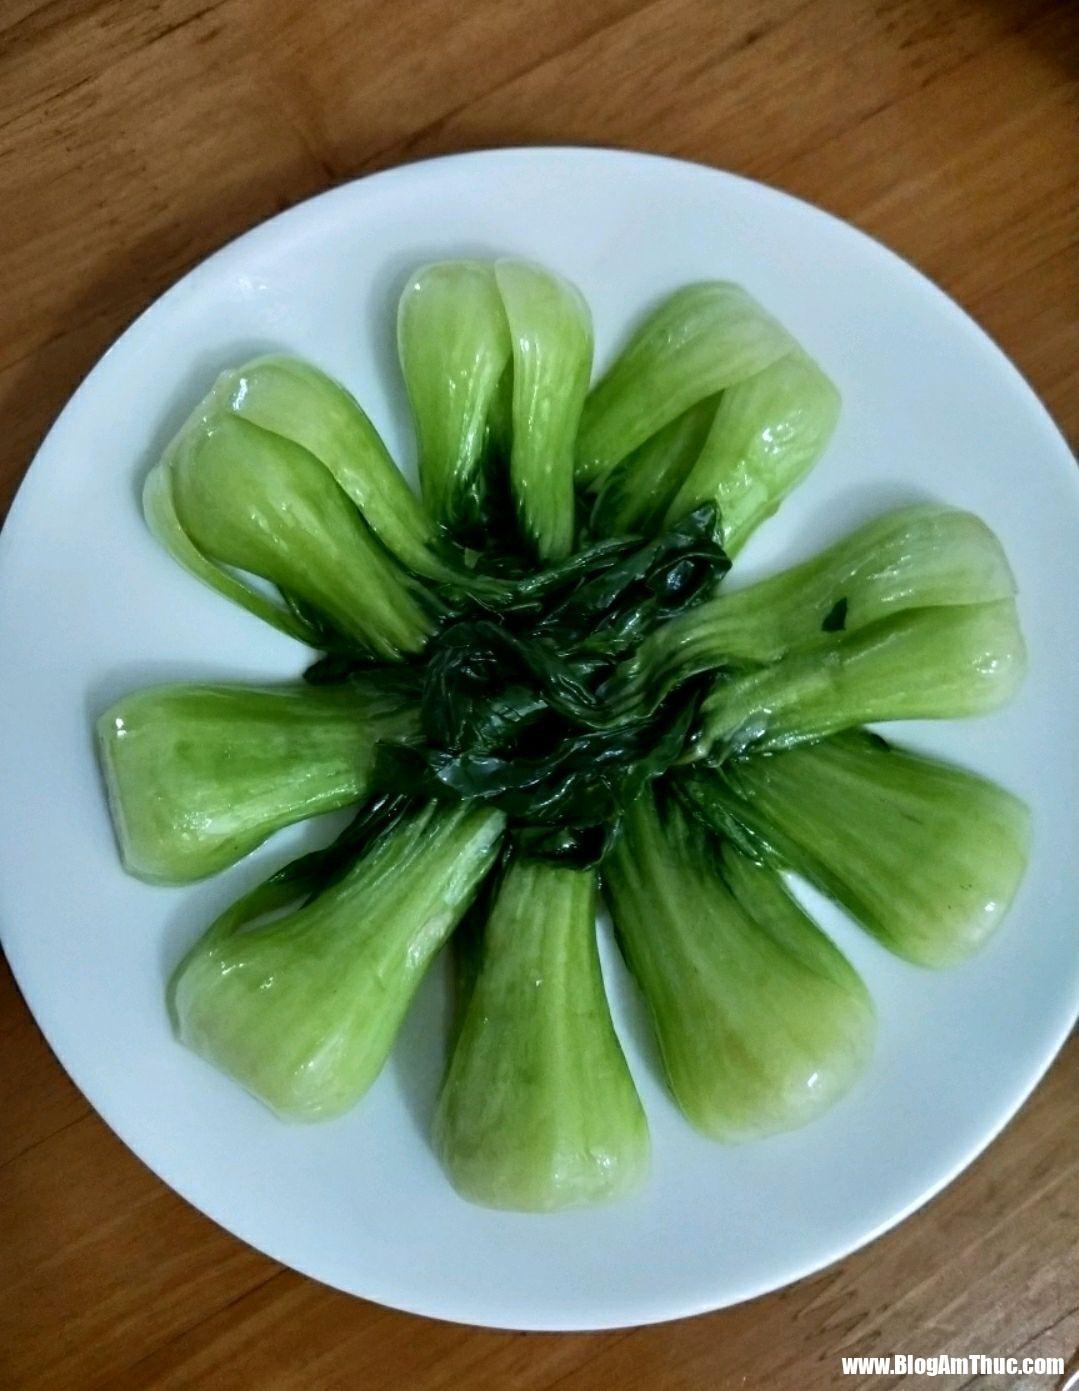 yuand2e1202dac10eb4138a4708d856303cf 15482355211642051234377 2 món ăn quen thuộc nhưng bạn đã biết cách chế biến để giữ lại chất bổ?